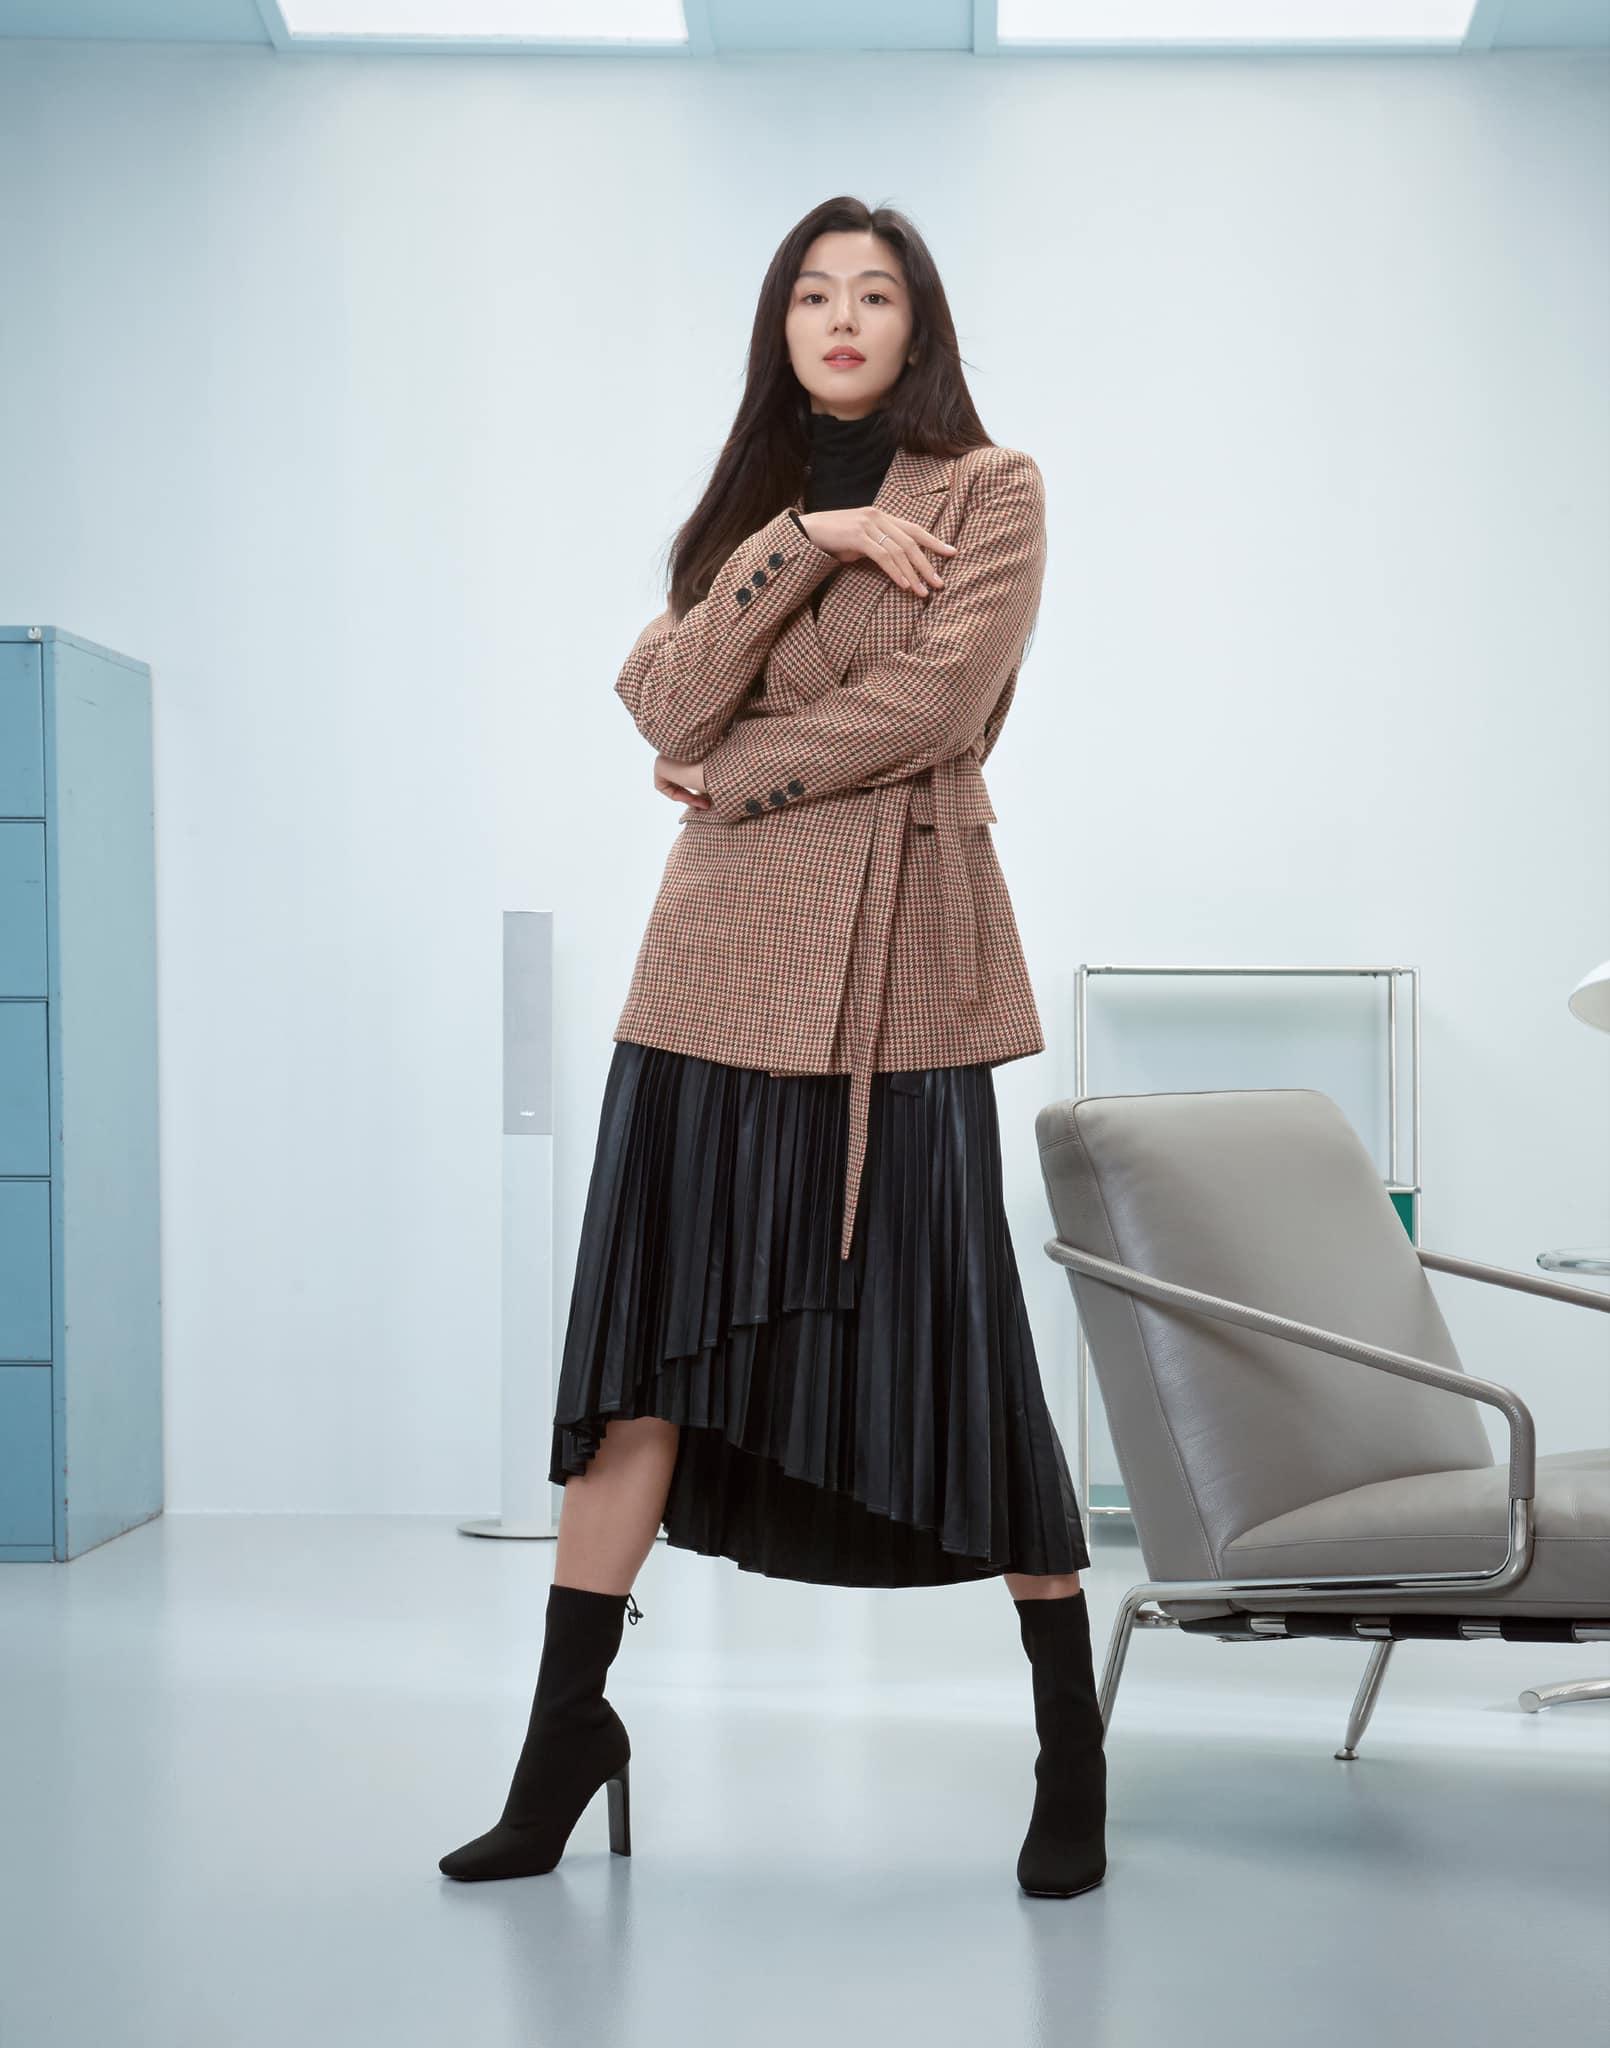 Hóng 10 set đồ của Jeon Ji Hyun, chị em nhặt ra khối tip lên đồ ưng mắt vừa sang vừa trẻ cho mùa lạnh - Ảnh 2.